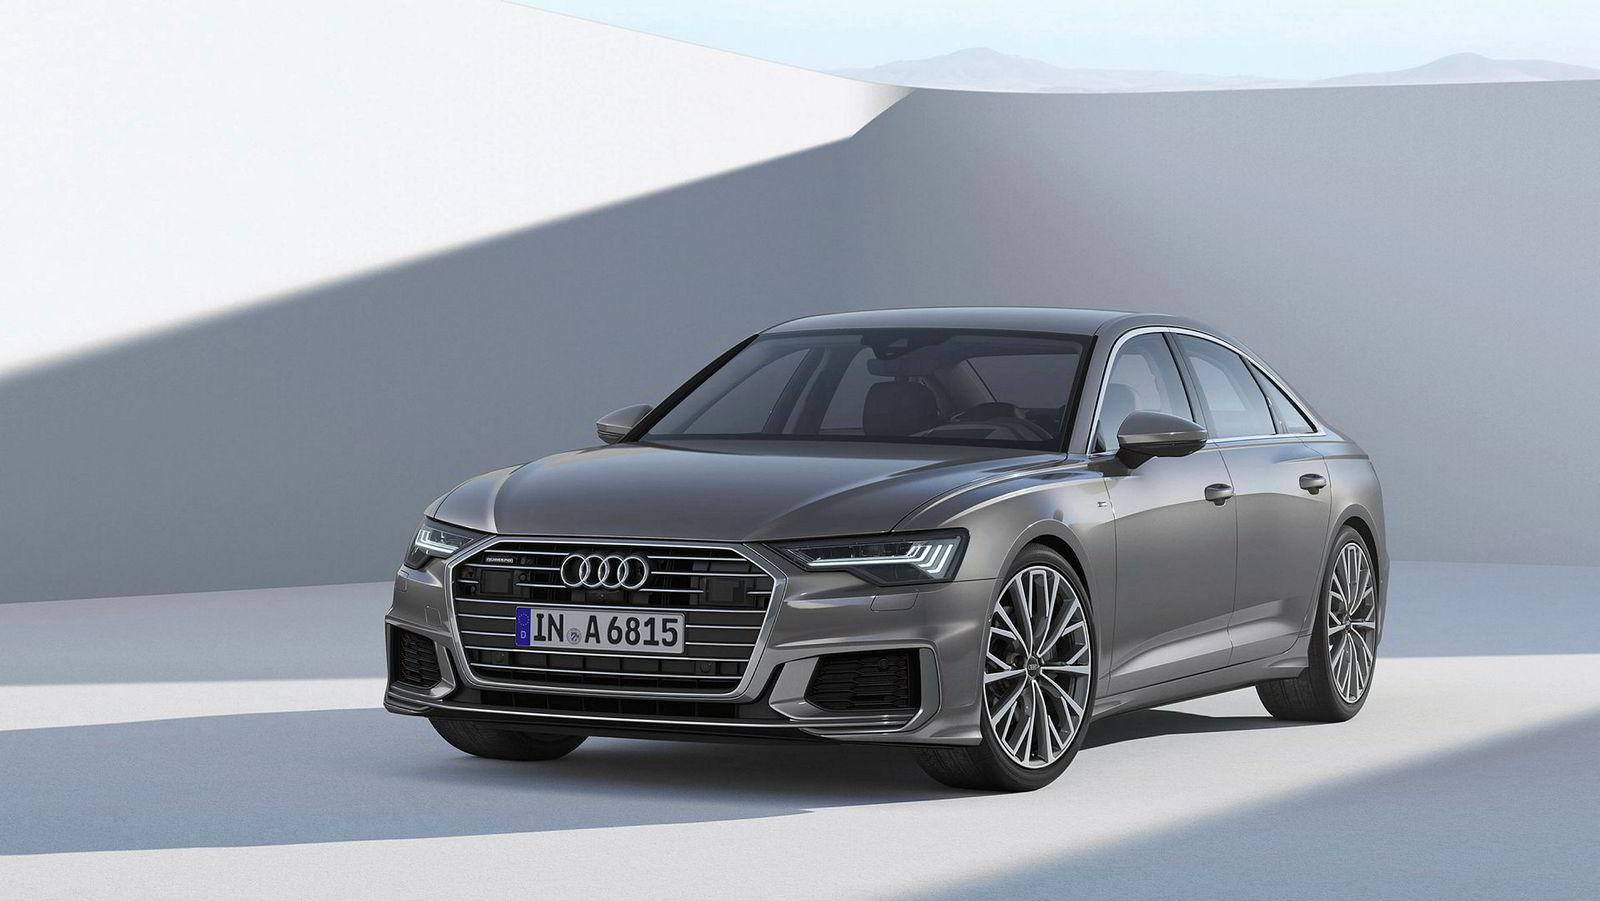 Det er ikke alltid like lett å se hvilken Audi-modell, eller -generasjon man ser. Dette er åttende generasjon A6.